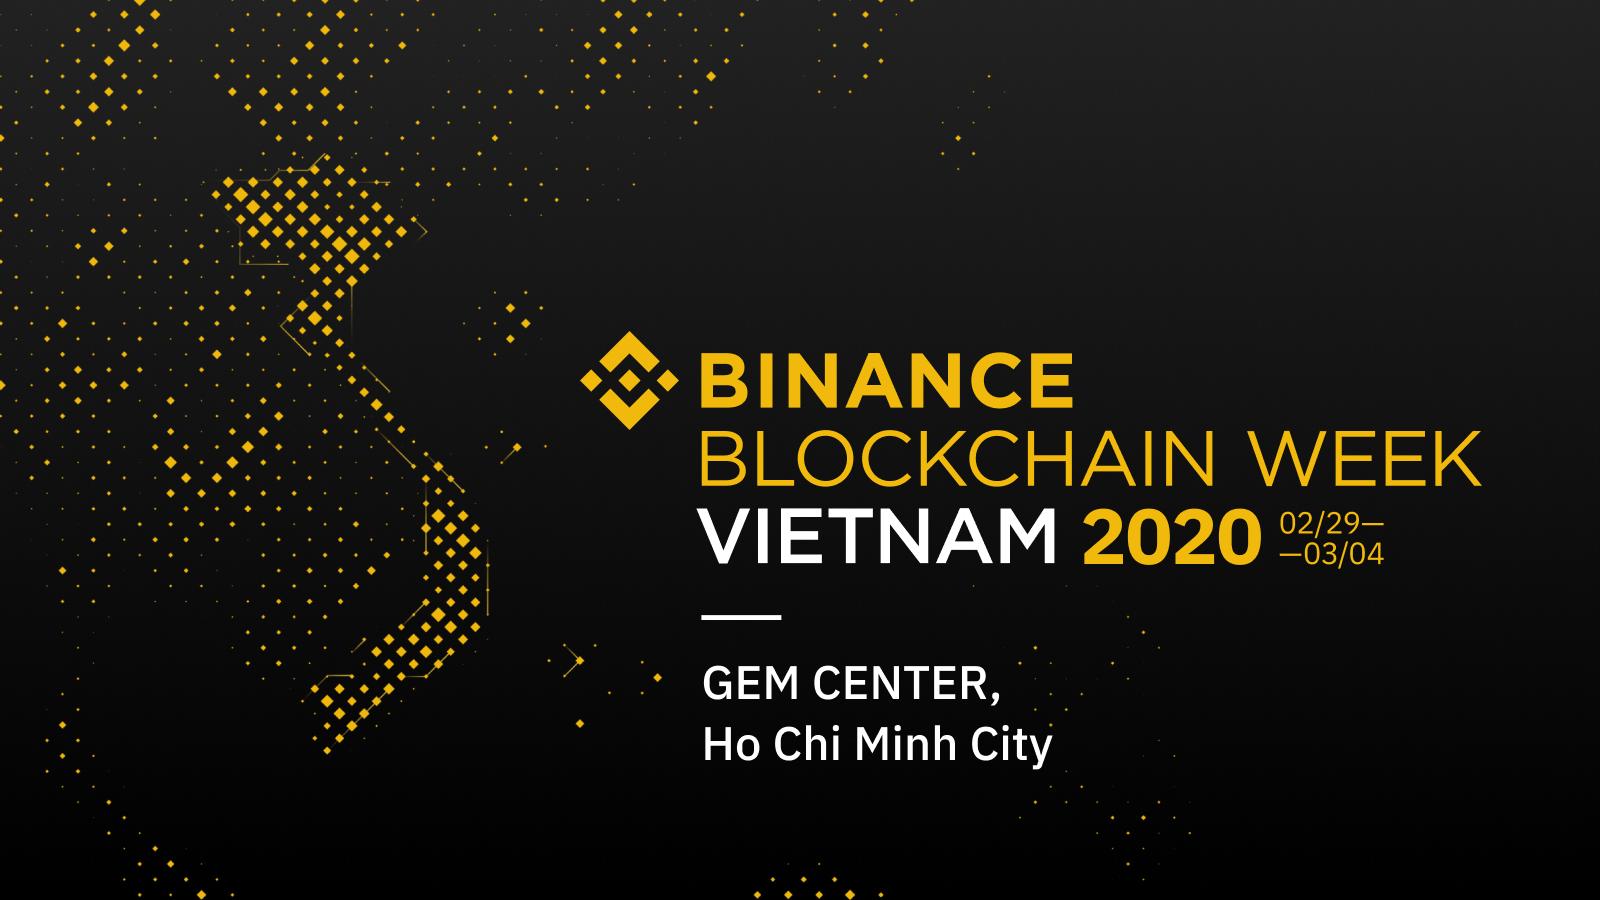 giá bitcoin: Việt Nam sẽ là nơi tổ chức Binance Blockchain Week 2020